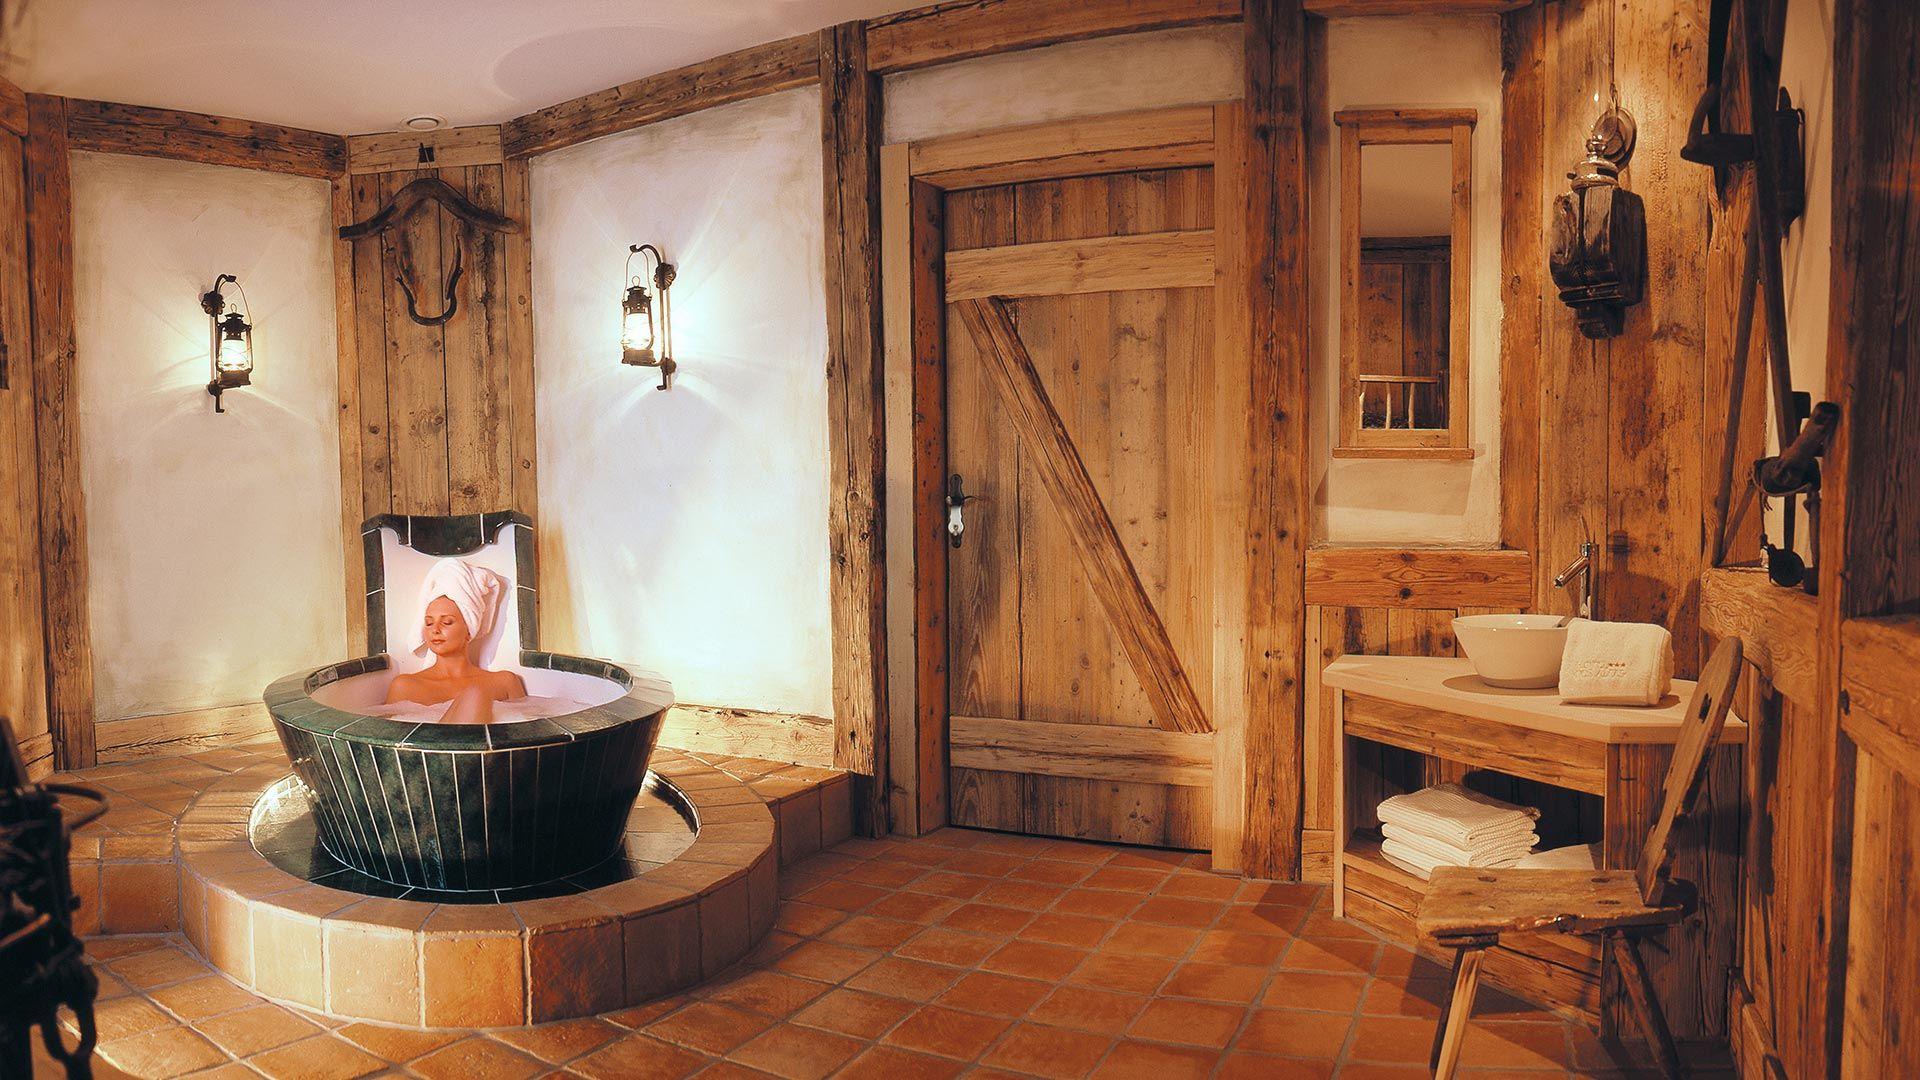 Erholung - Ruhe - Entspannung  Wellness im Des Alpes